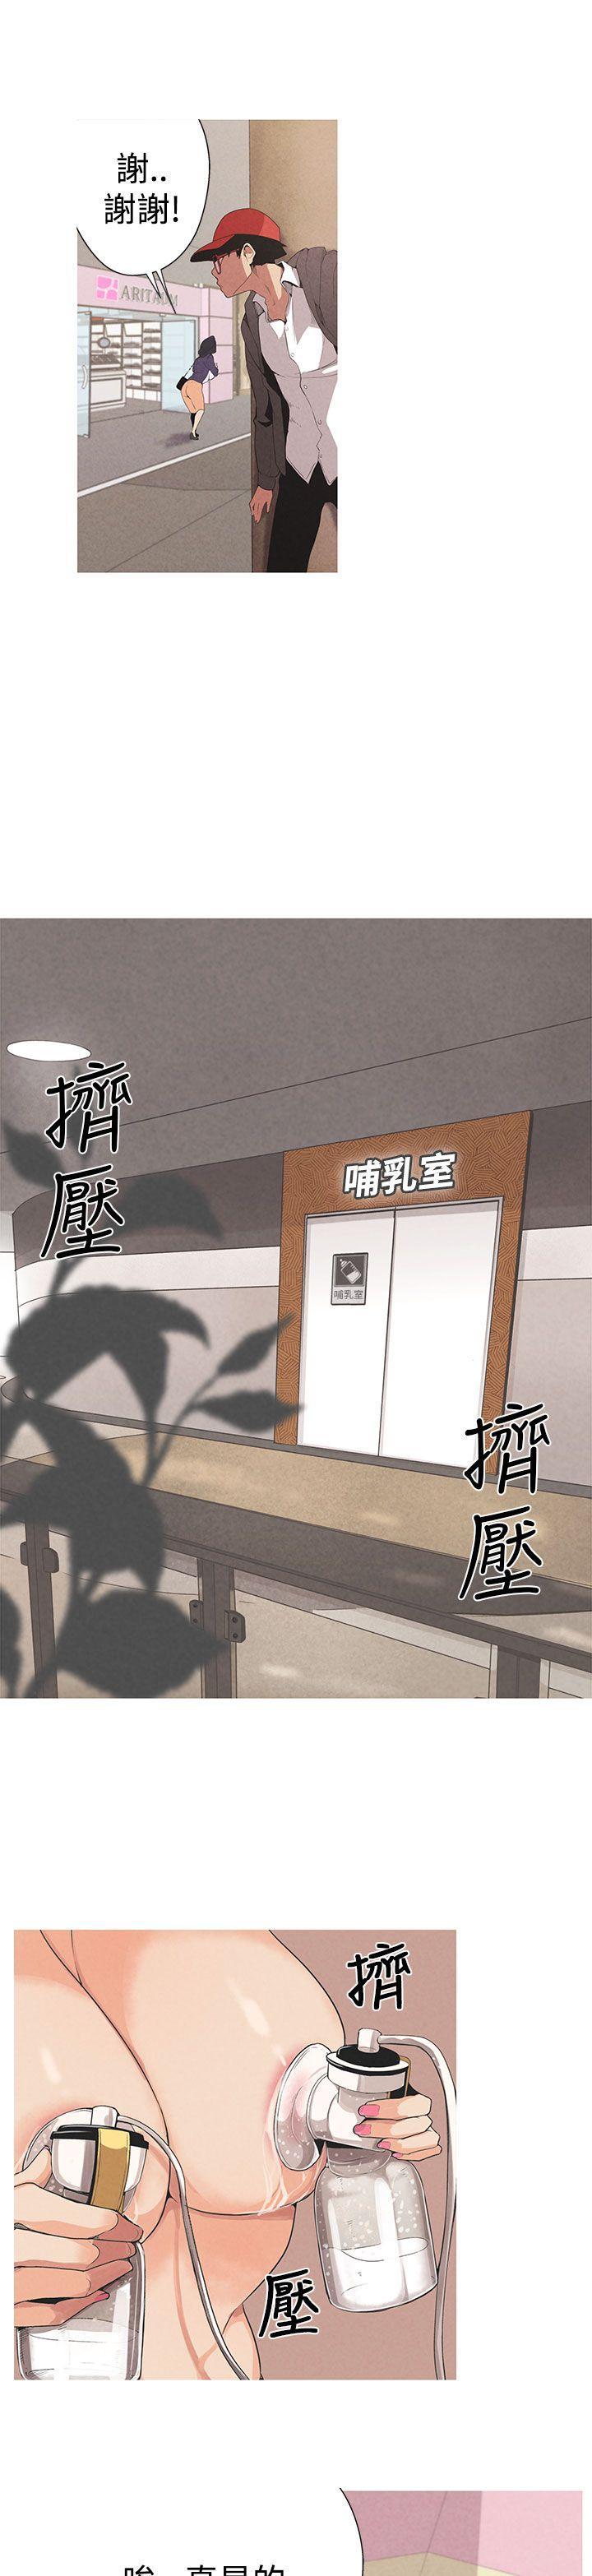 女神狩猎 第1~3話 [Chinese]中文 Harc 9